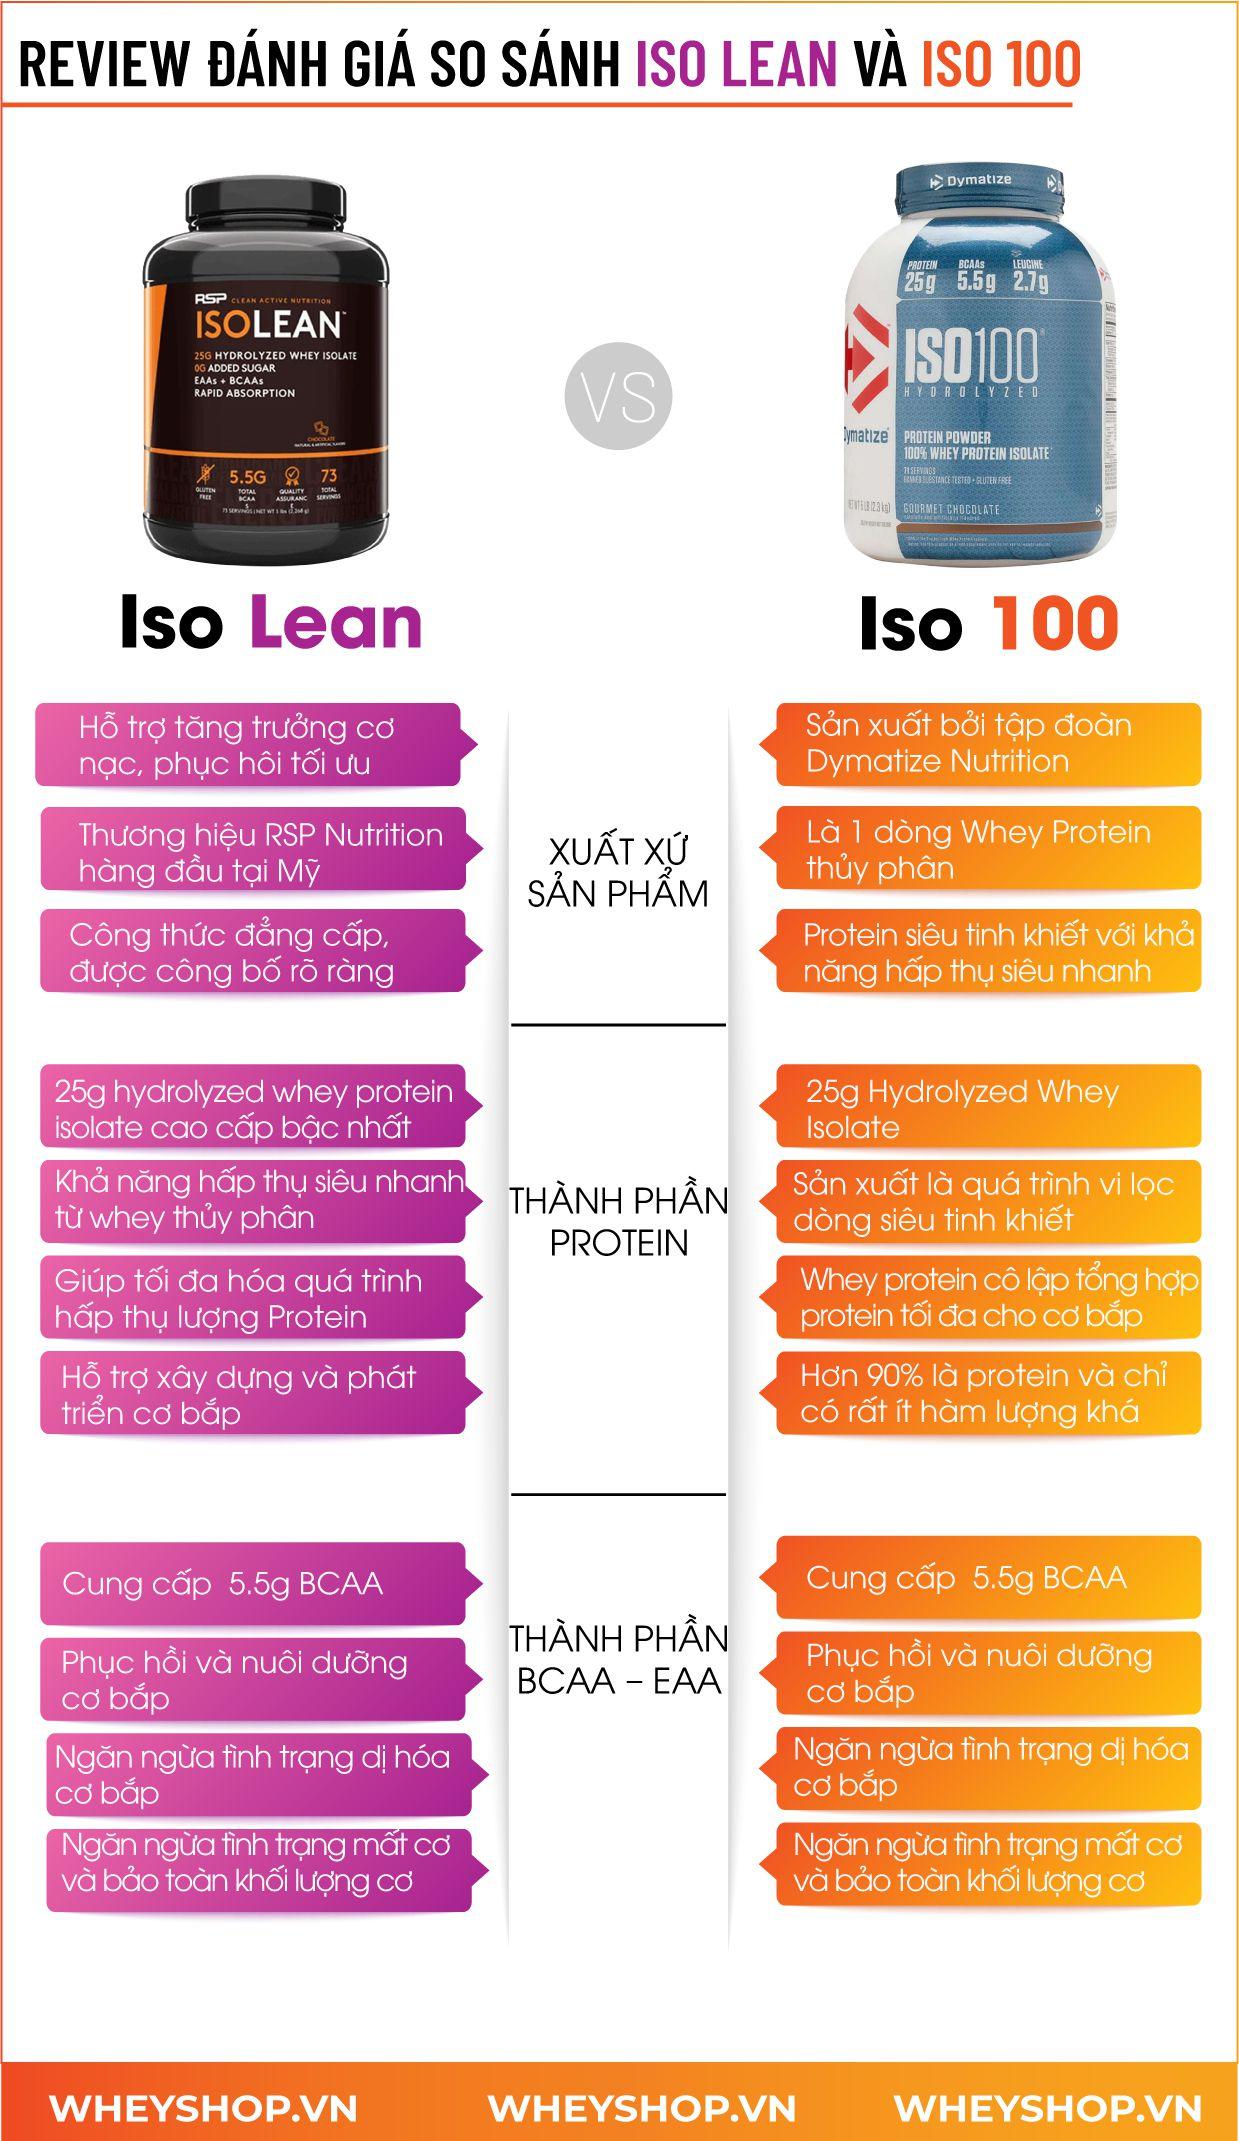 Nếu bạn băn khoăn trong việc lựa chọn ISO Lean và ISO 100 thì hãy cùng WheyShop tìm hiểu chi tiết qua bài viết...